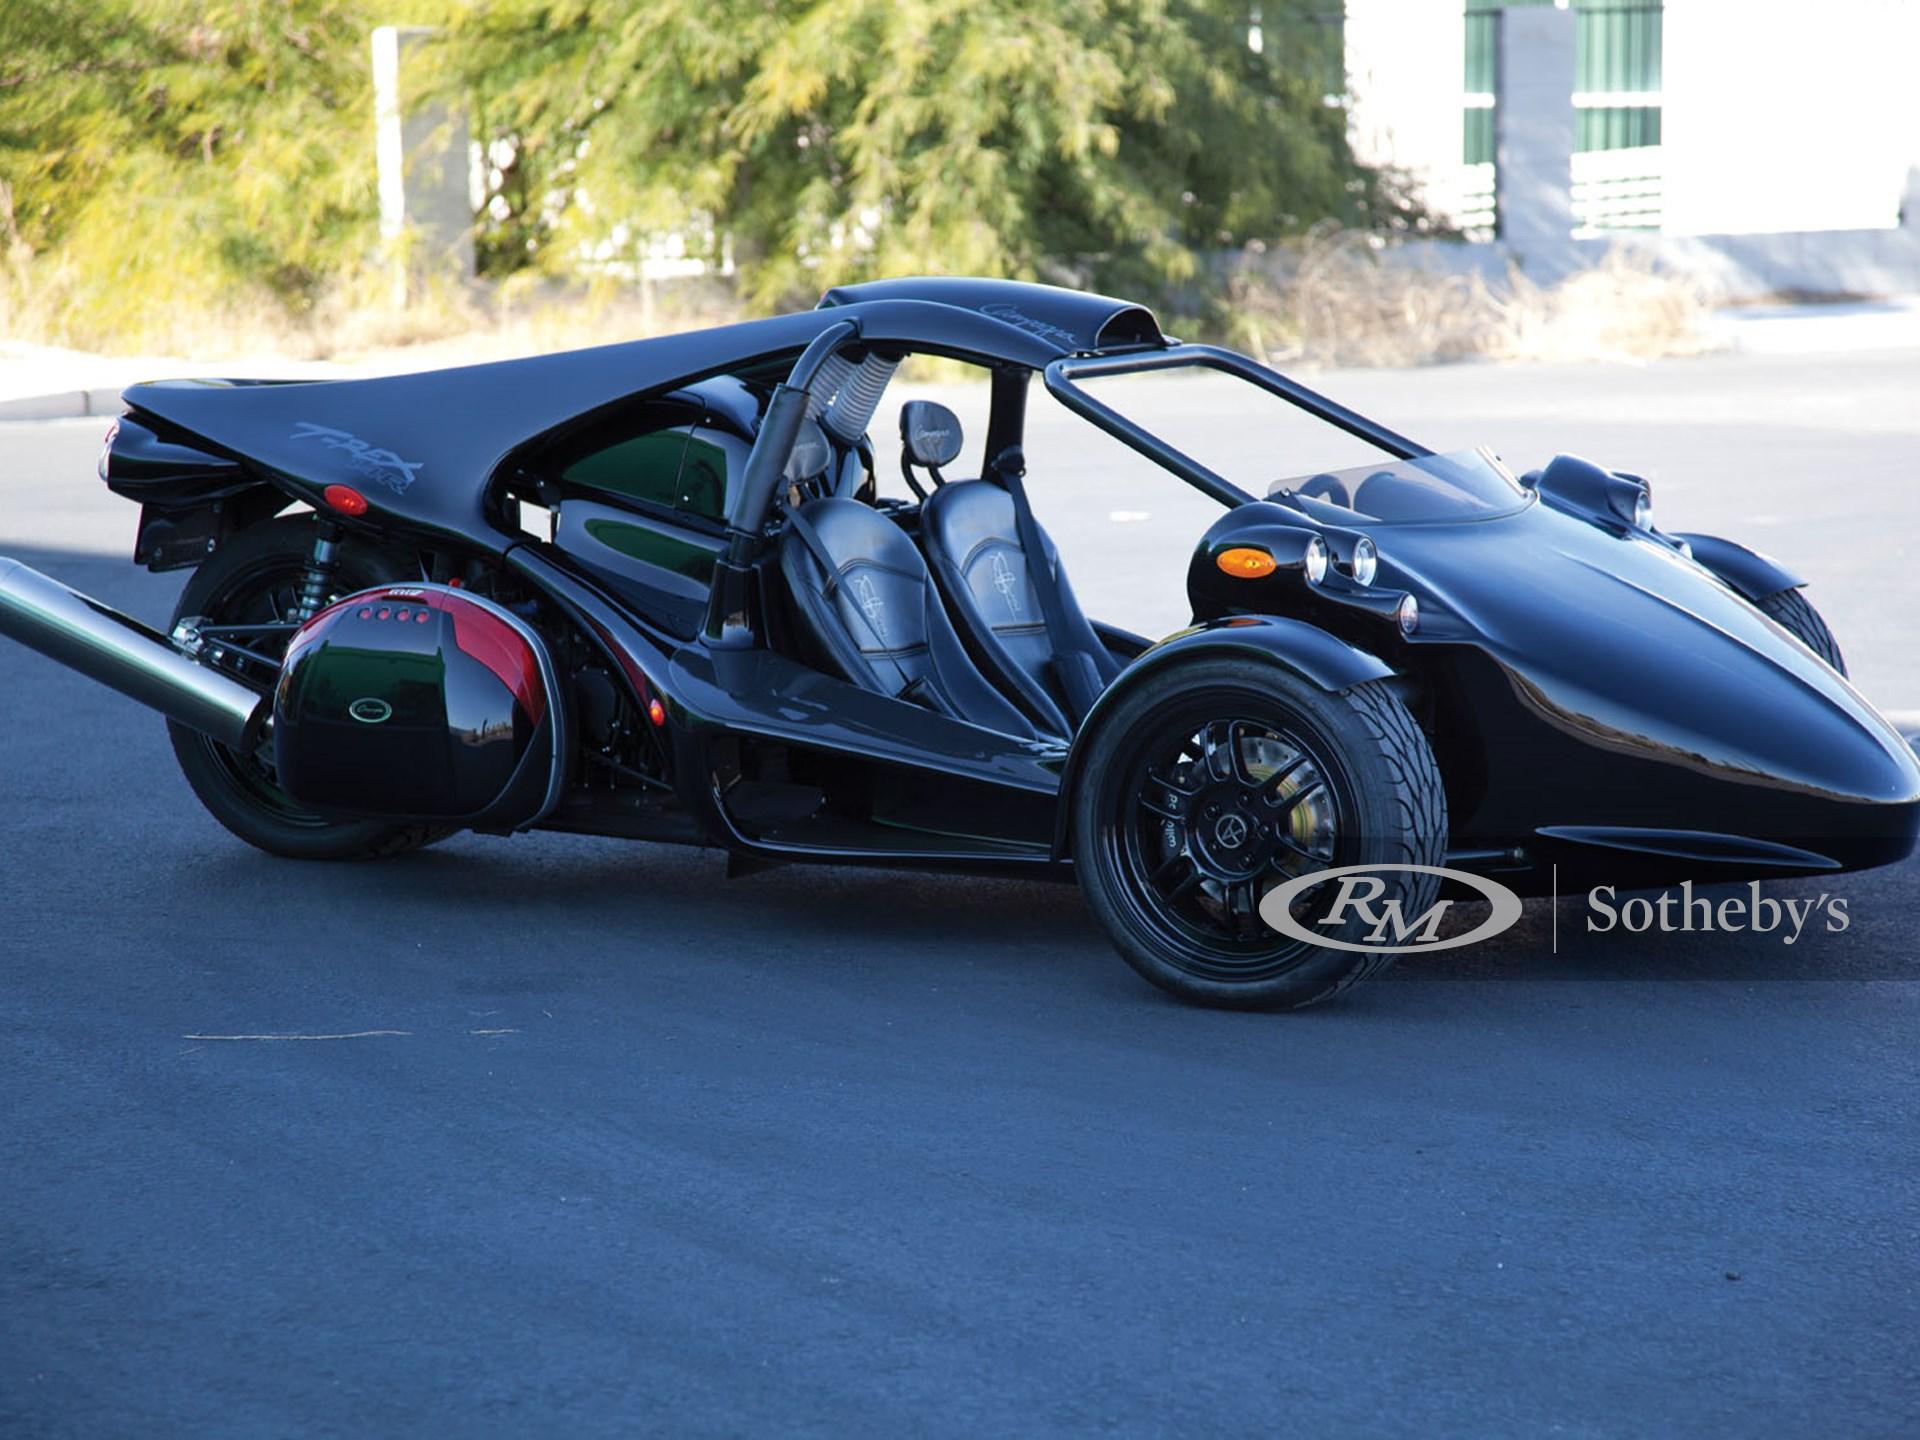 2010 Campagna T-Rex 1400cc